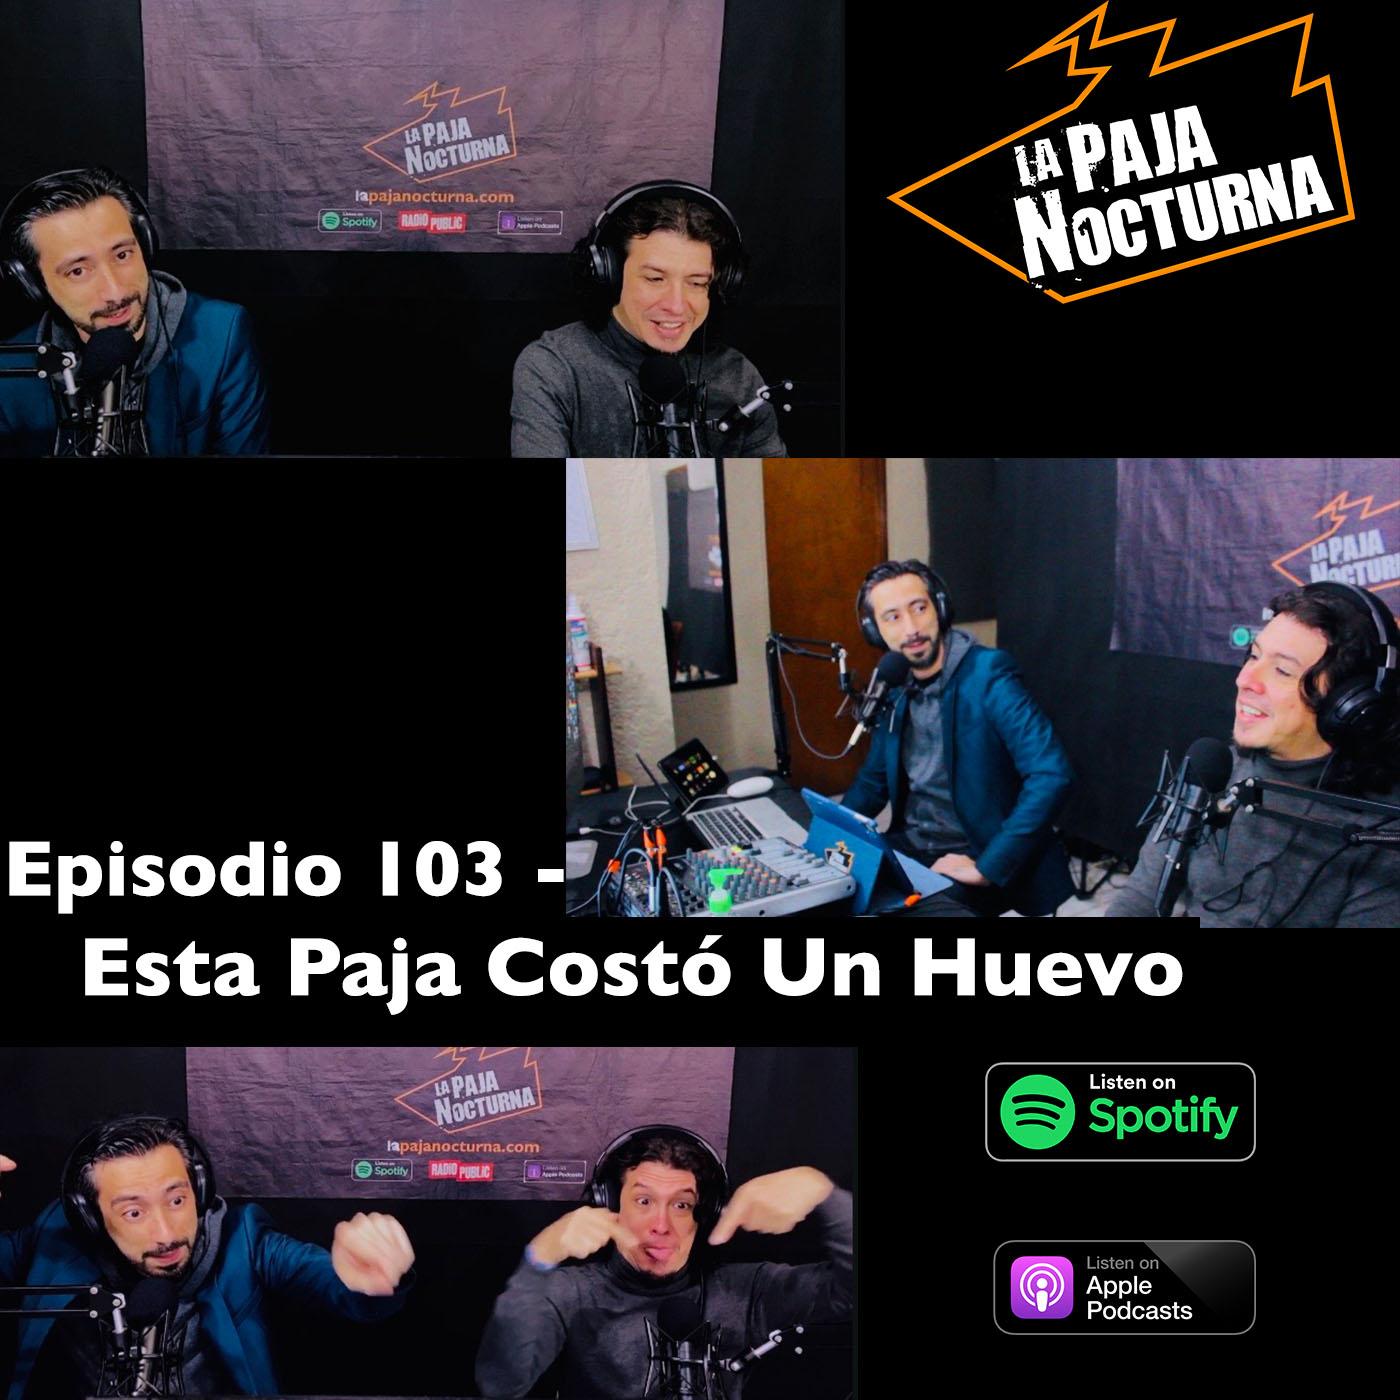 La paja nocturna podcast Episodio 103